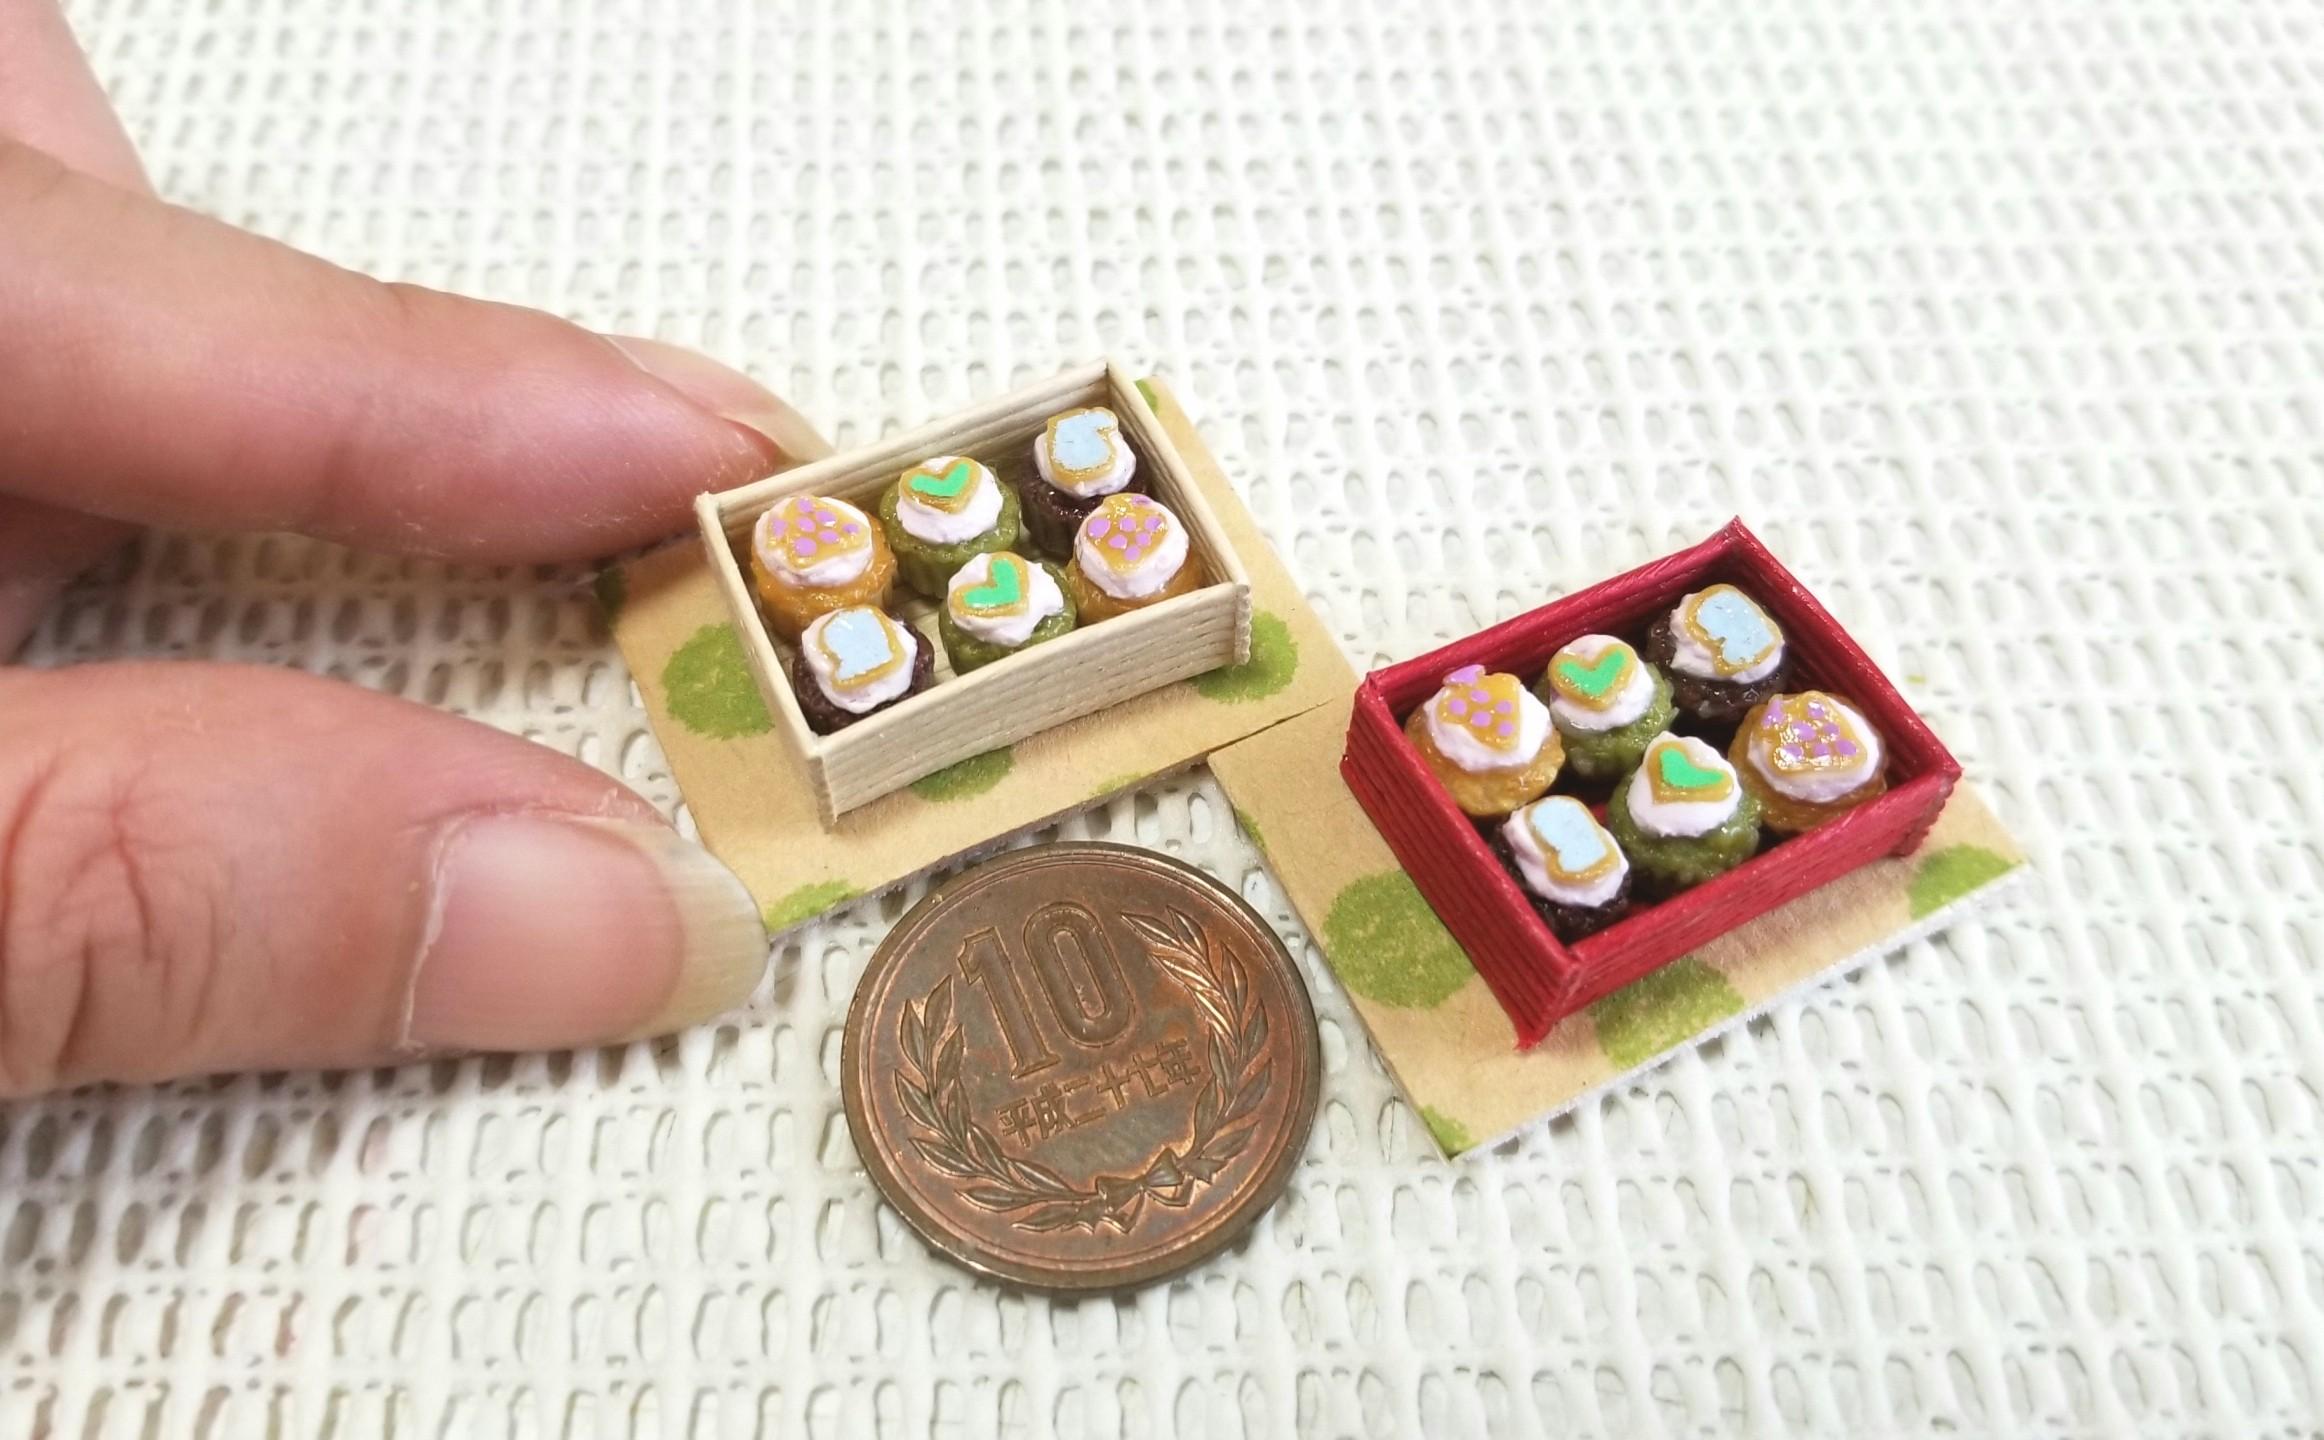 ミニチュア, ミニカップケーキ, ミンネで販売中, 可愛い, シルバニア